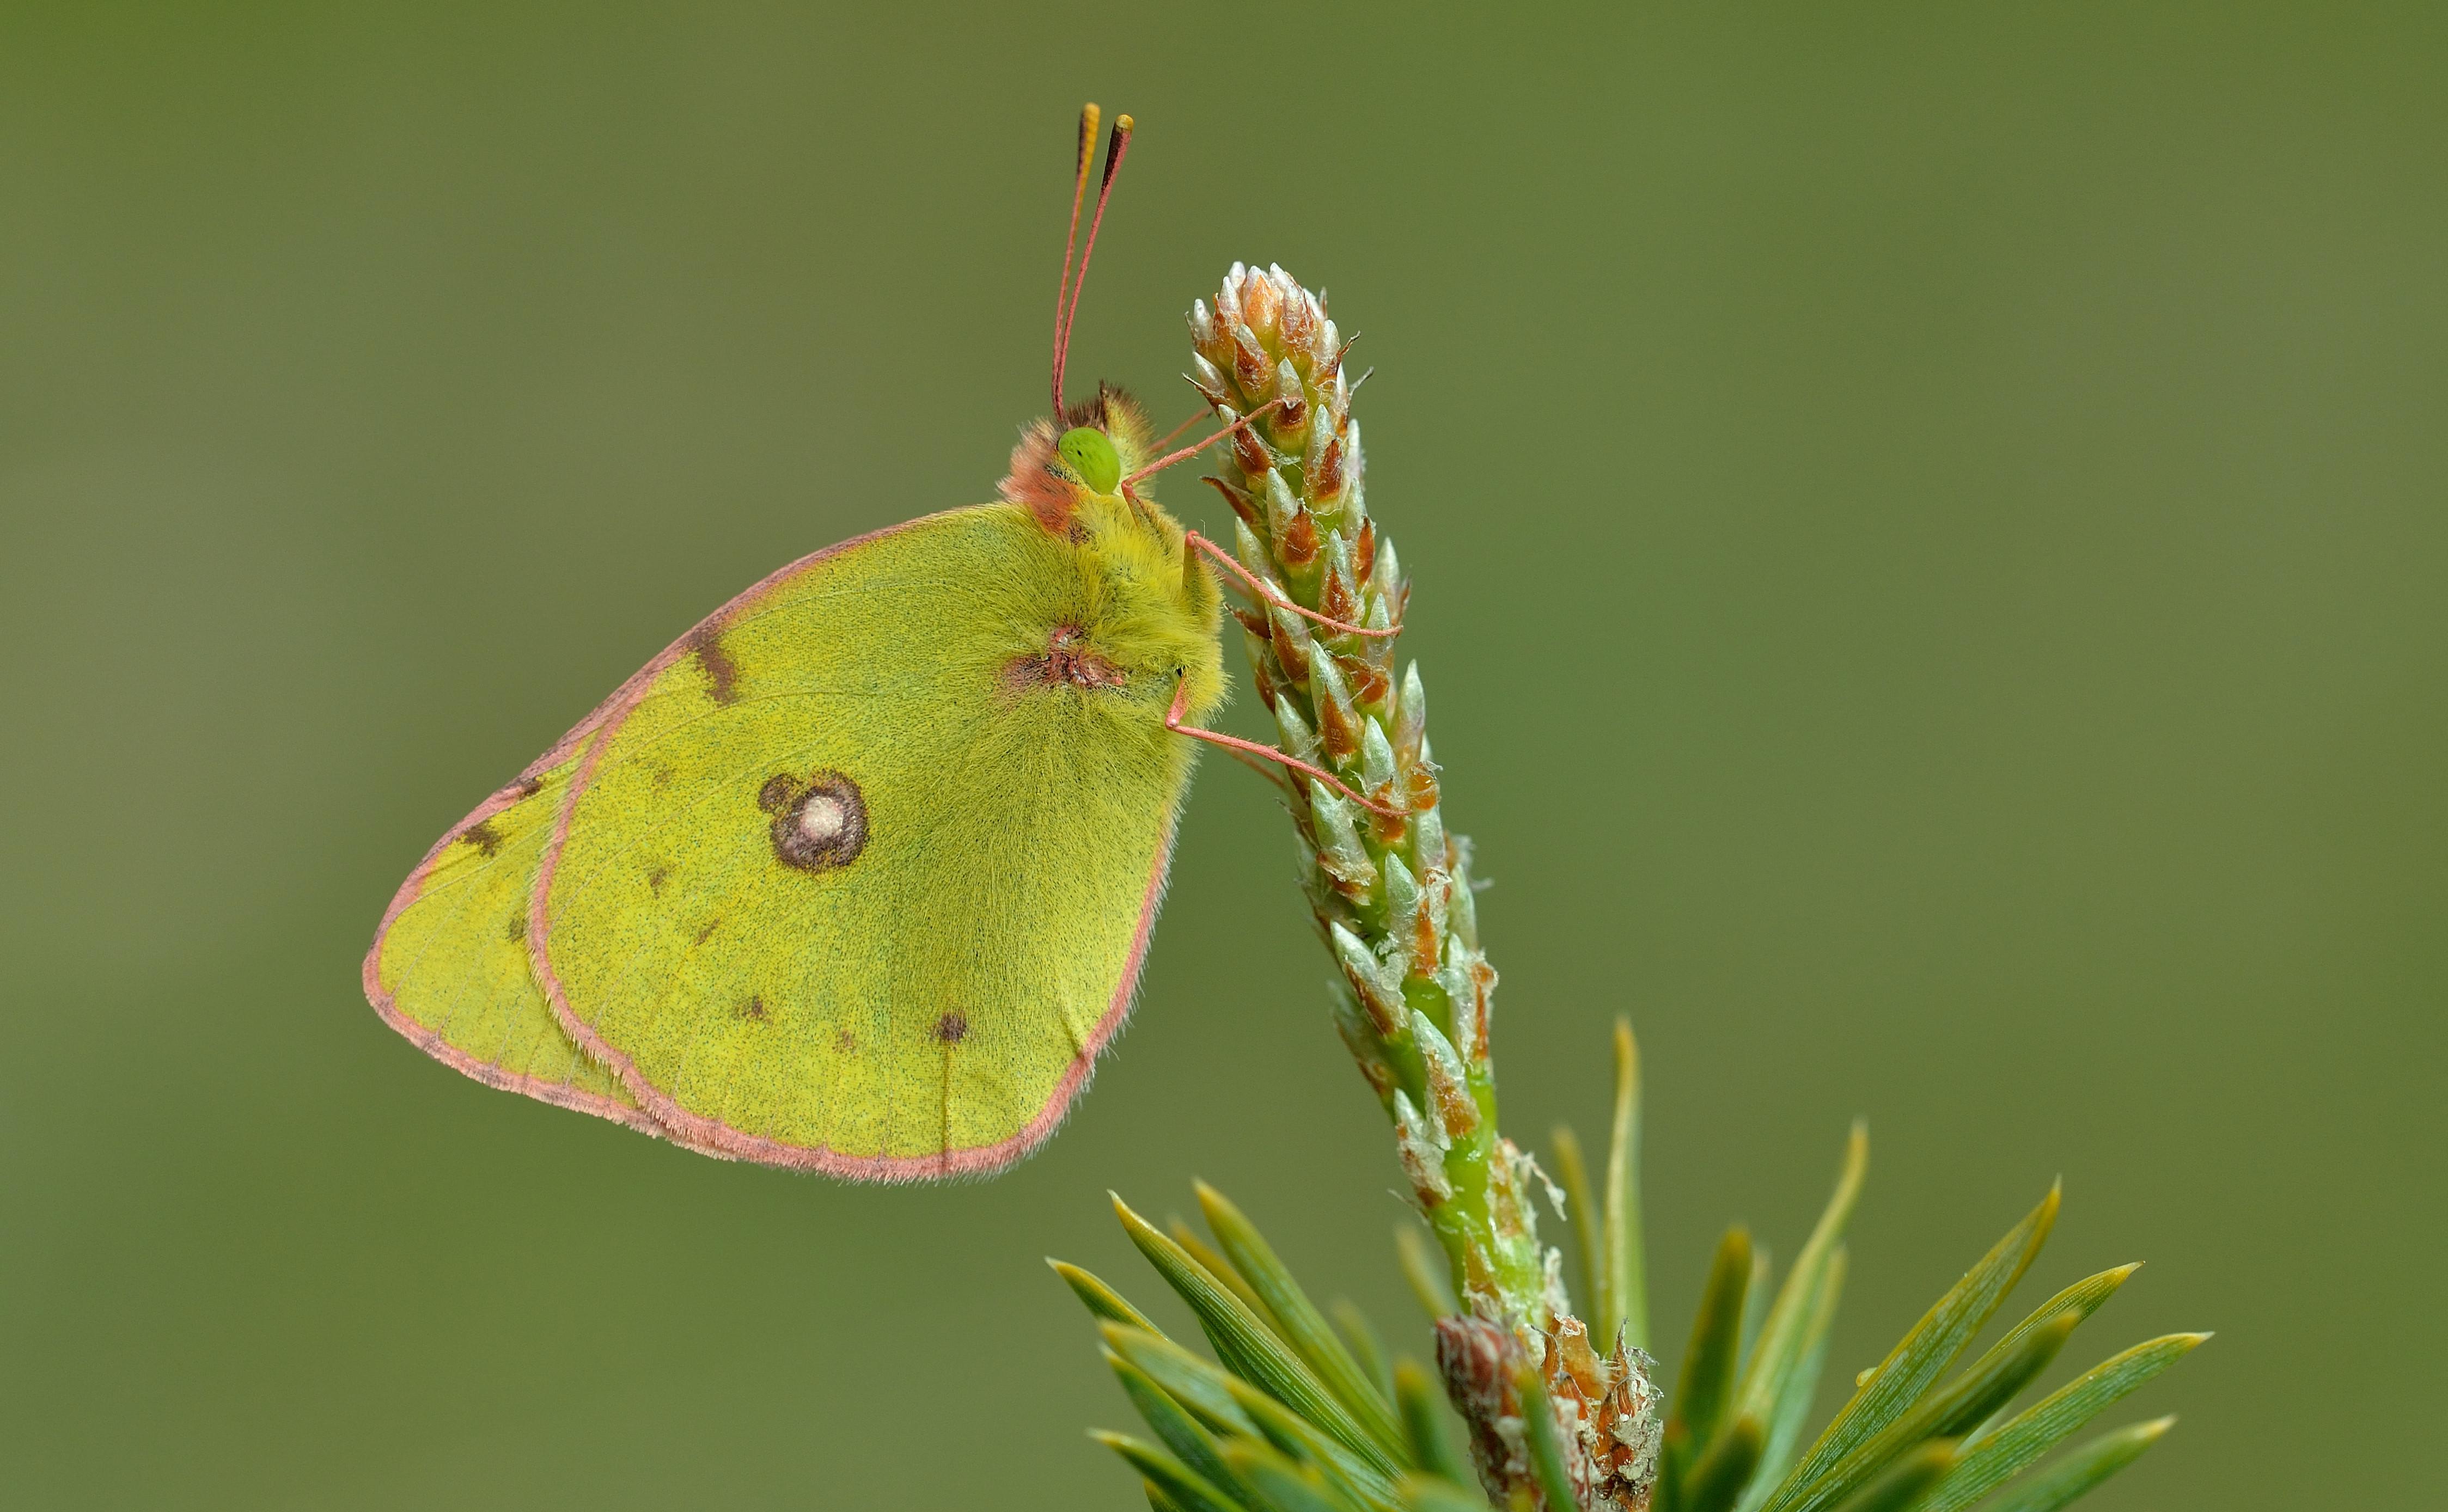 Fotografías macro de mariposas - 4495x2777